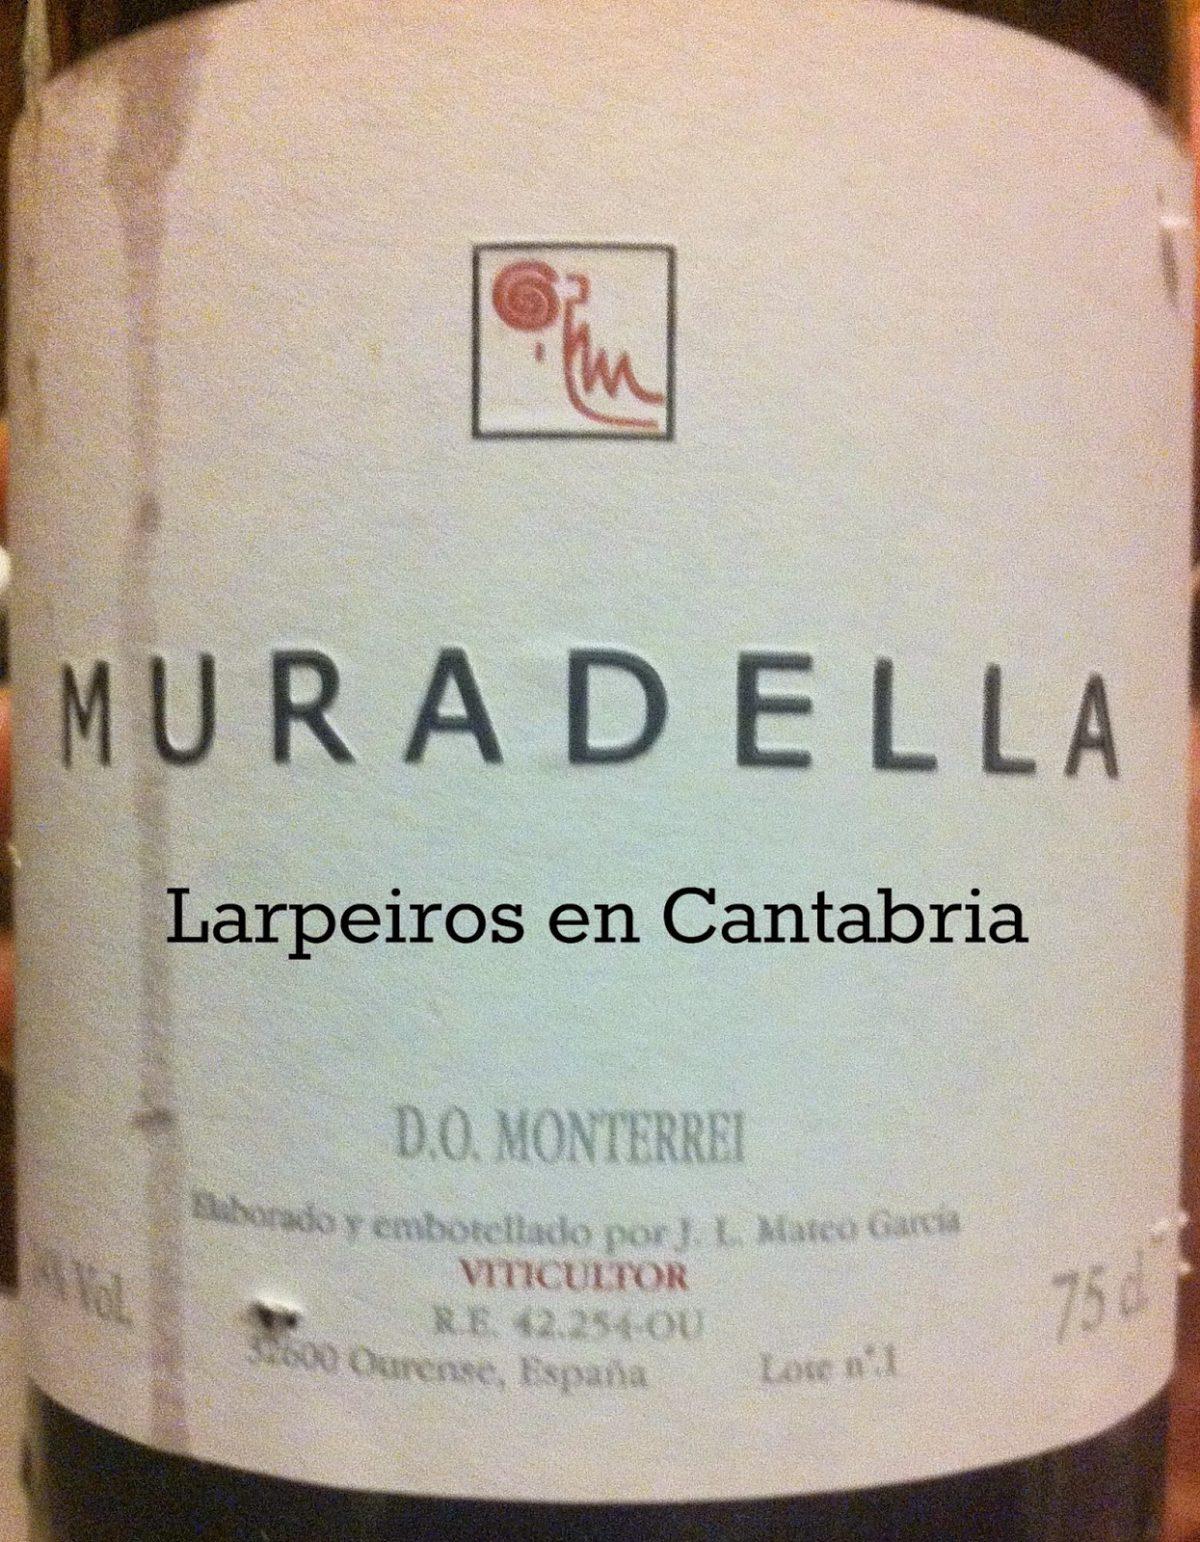 Vino Tinto Muradella 2008: Esperaba más de este Monterrey